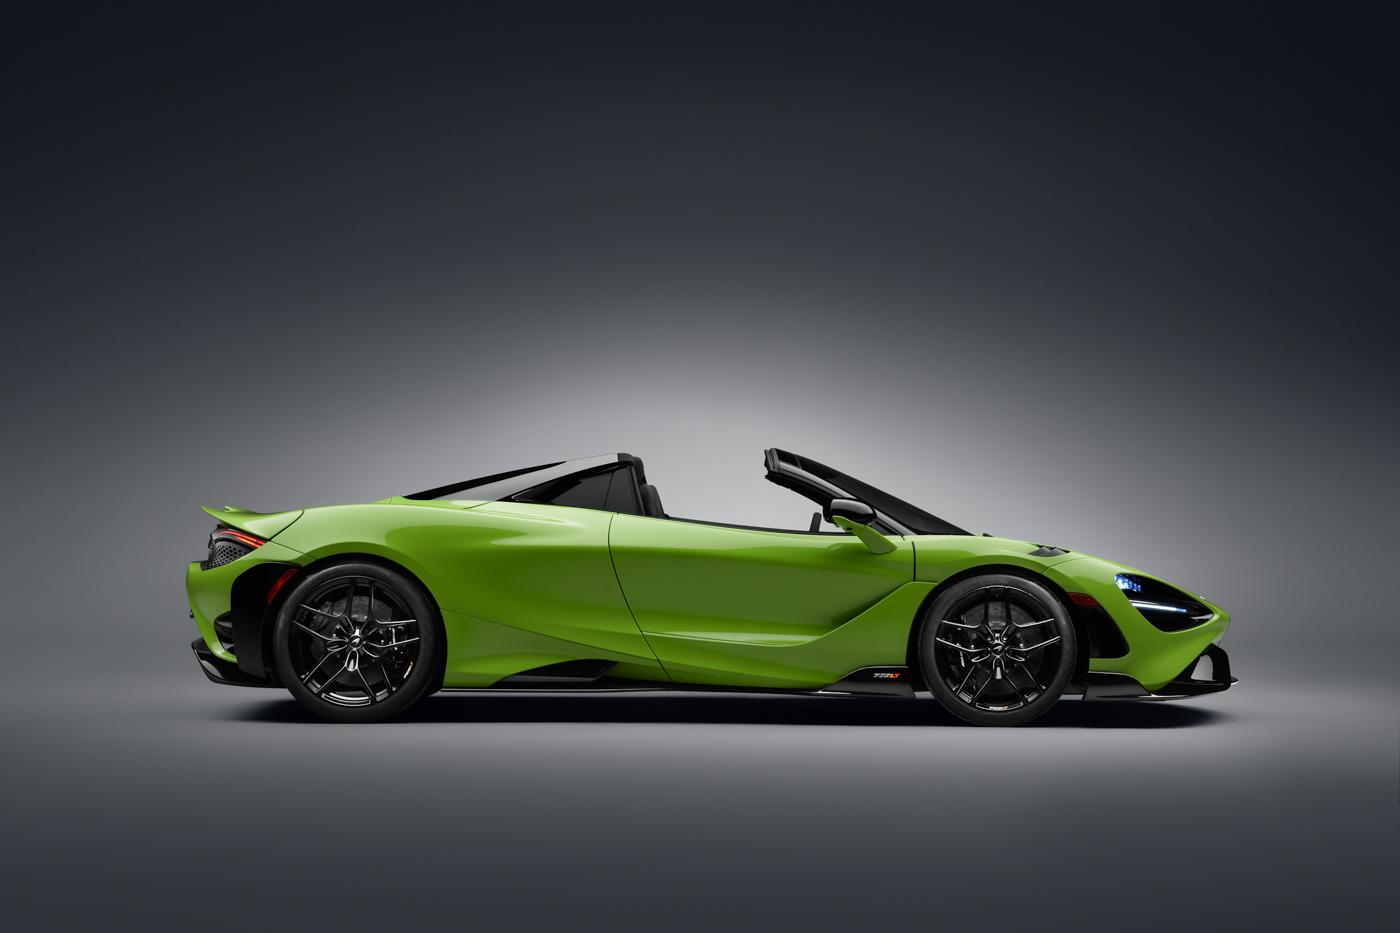 McLaren-765-LT-Spider-siêu-xe-mui-trần-hiệu-năng-cao-dẫn-đầu-phân-khúc-40.jpg